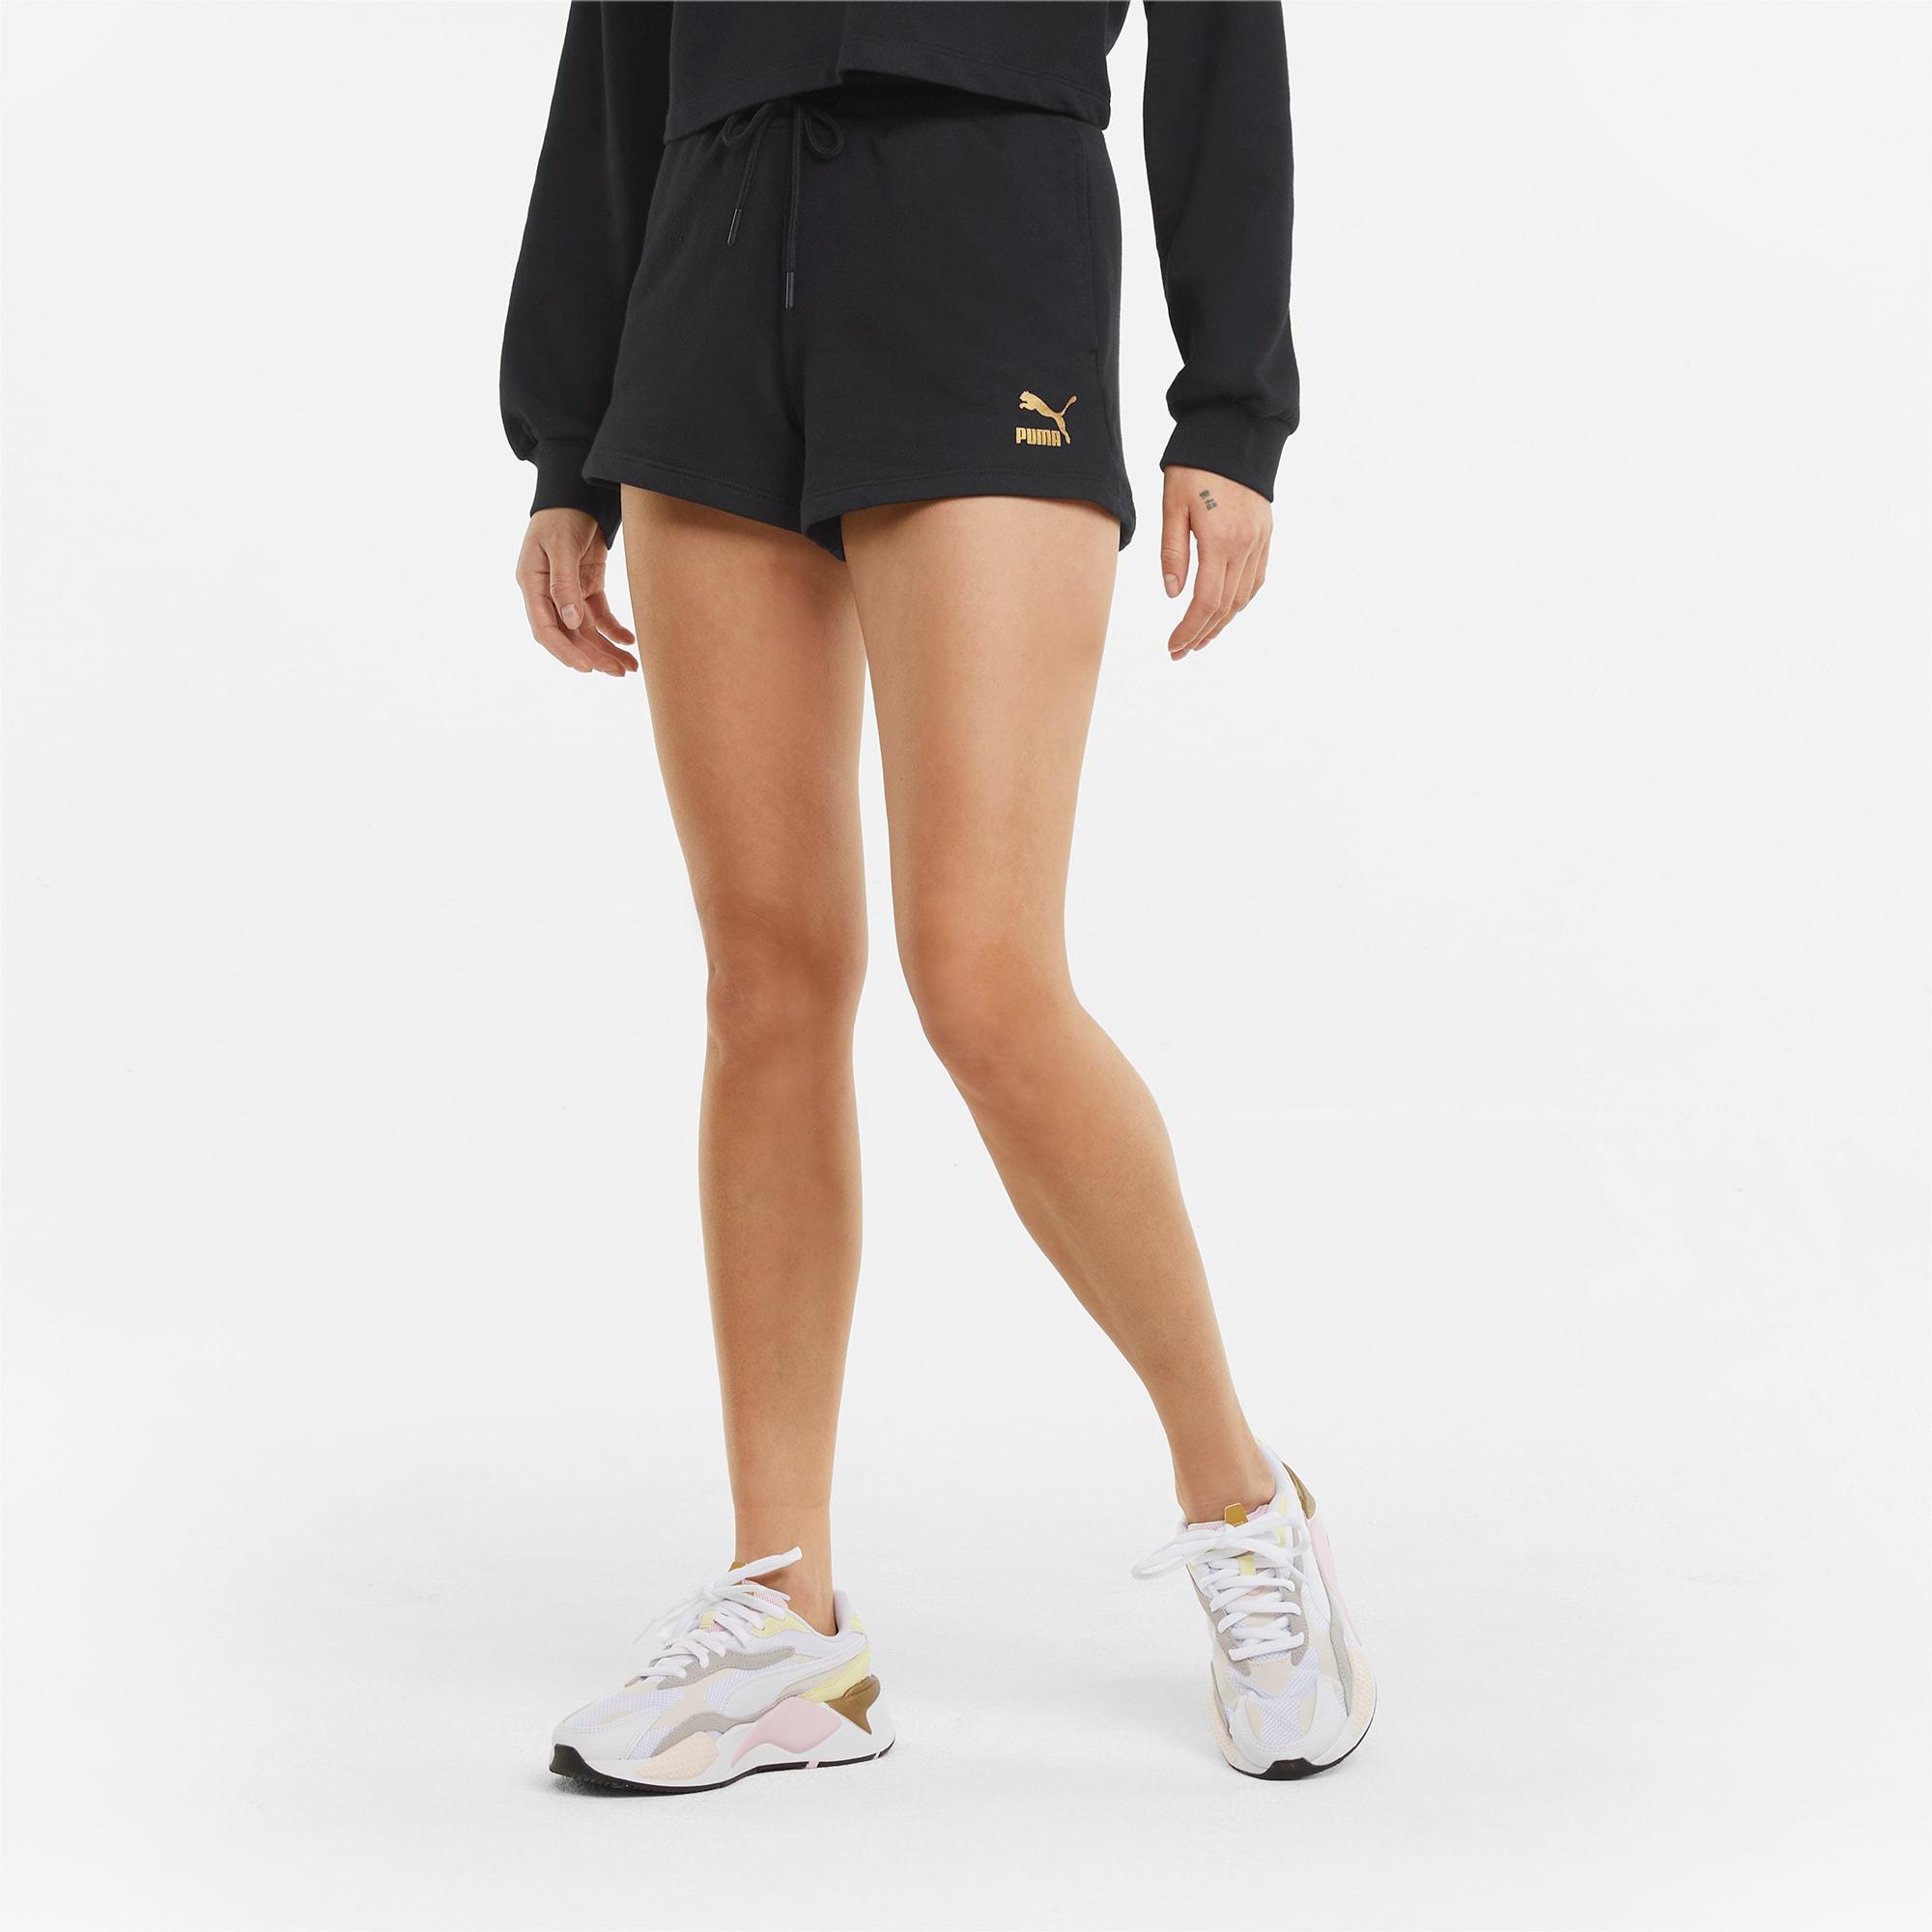 PUMA High-Waist-Shorts   Schwarz   Größe: XL